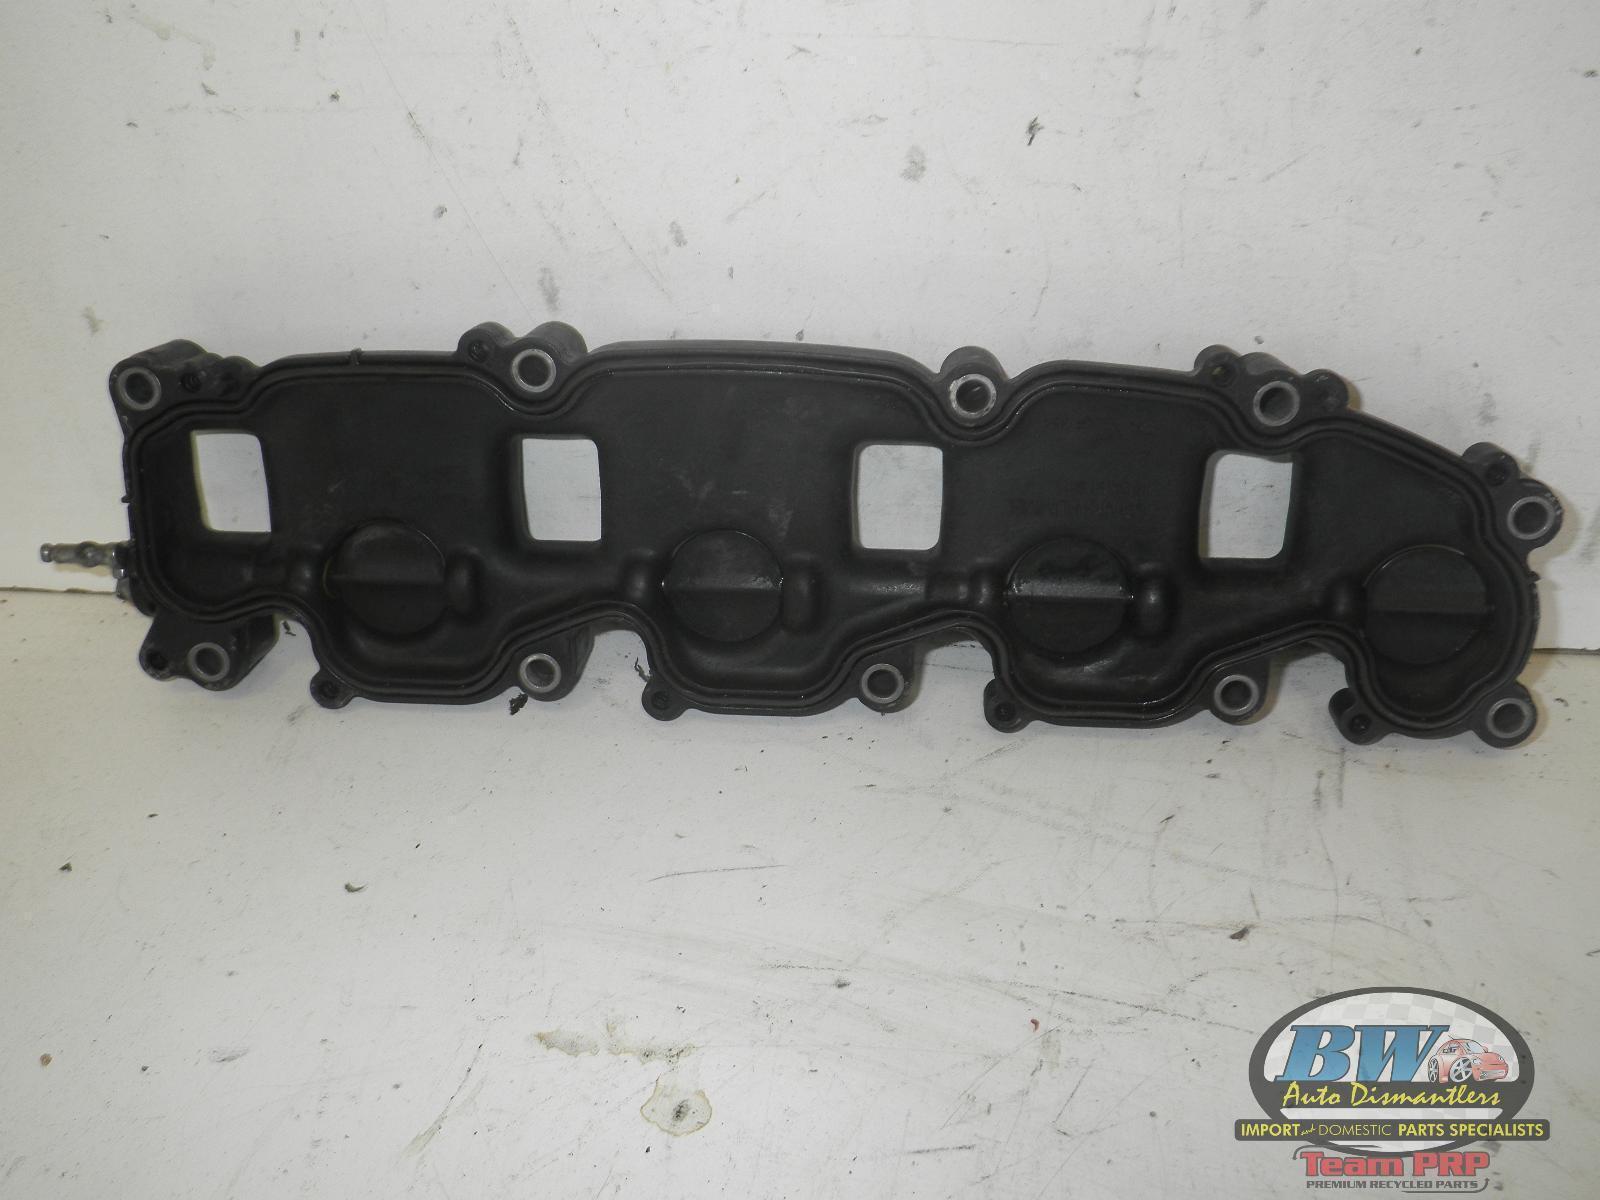 P2015 Repair Bracket For Cars Seat 2.0 TDI CR Alu Manifold 03L129711E J/&S